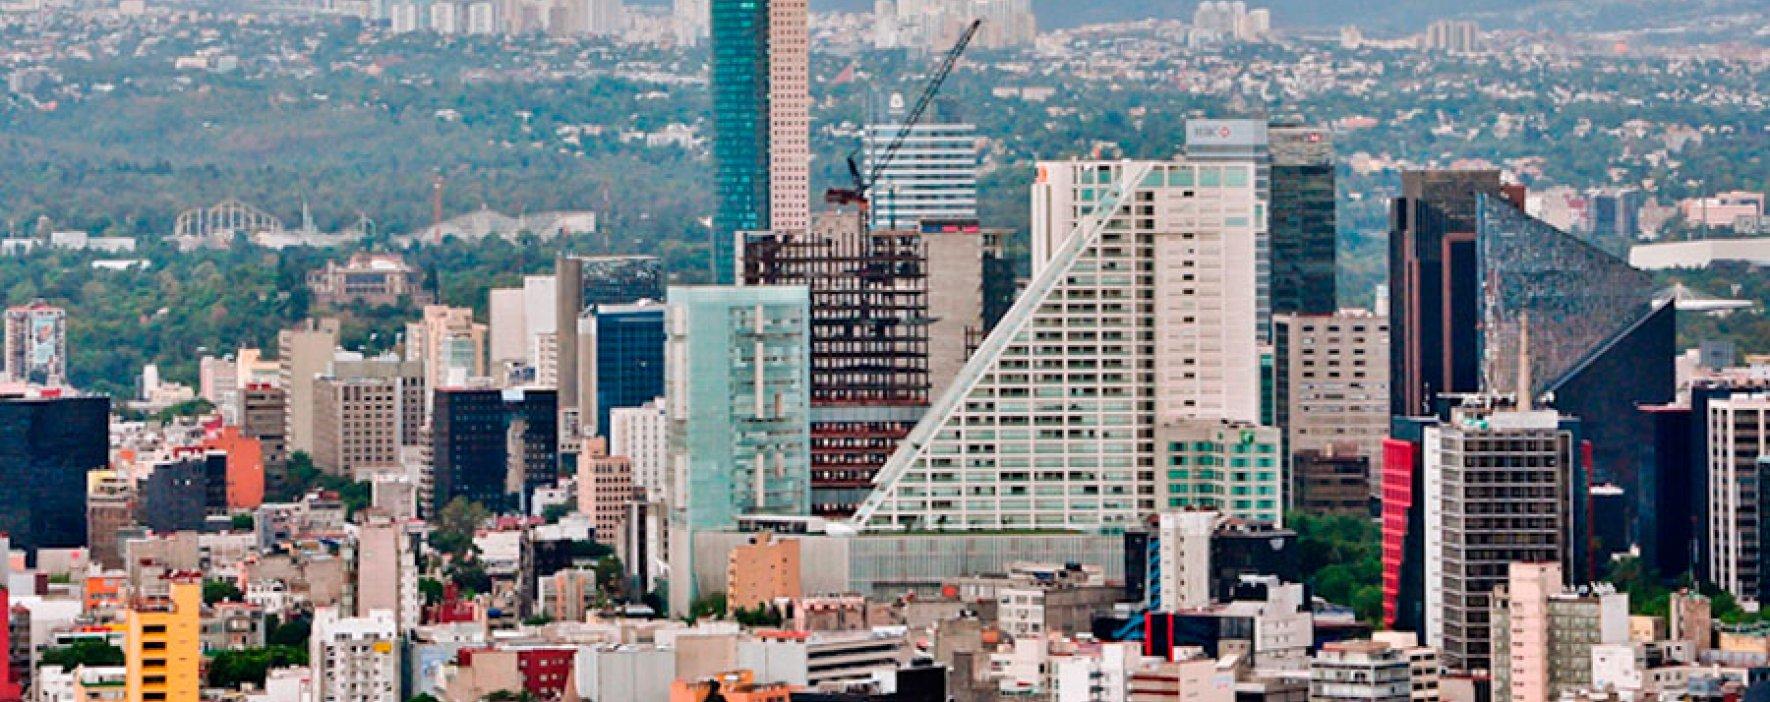 Construcciones verdes están en aumento